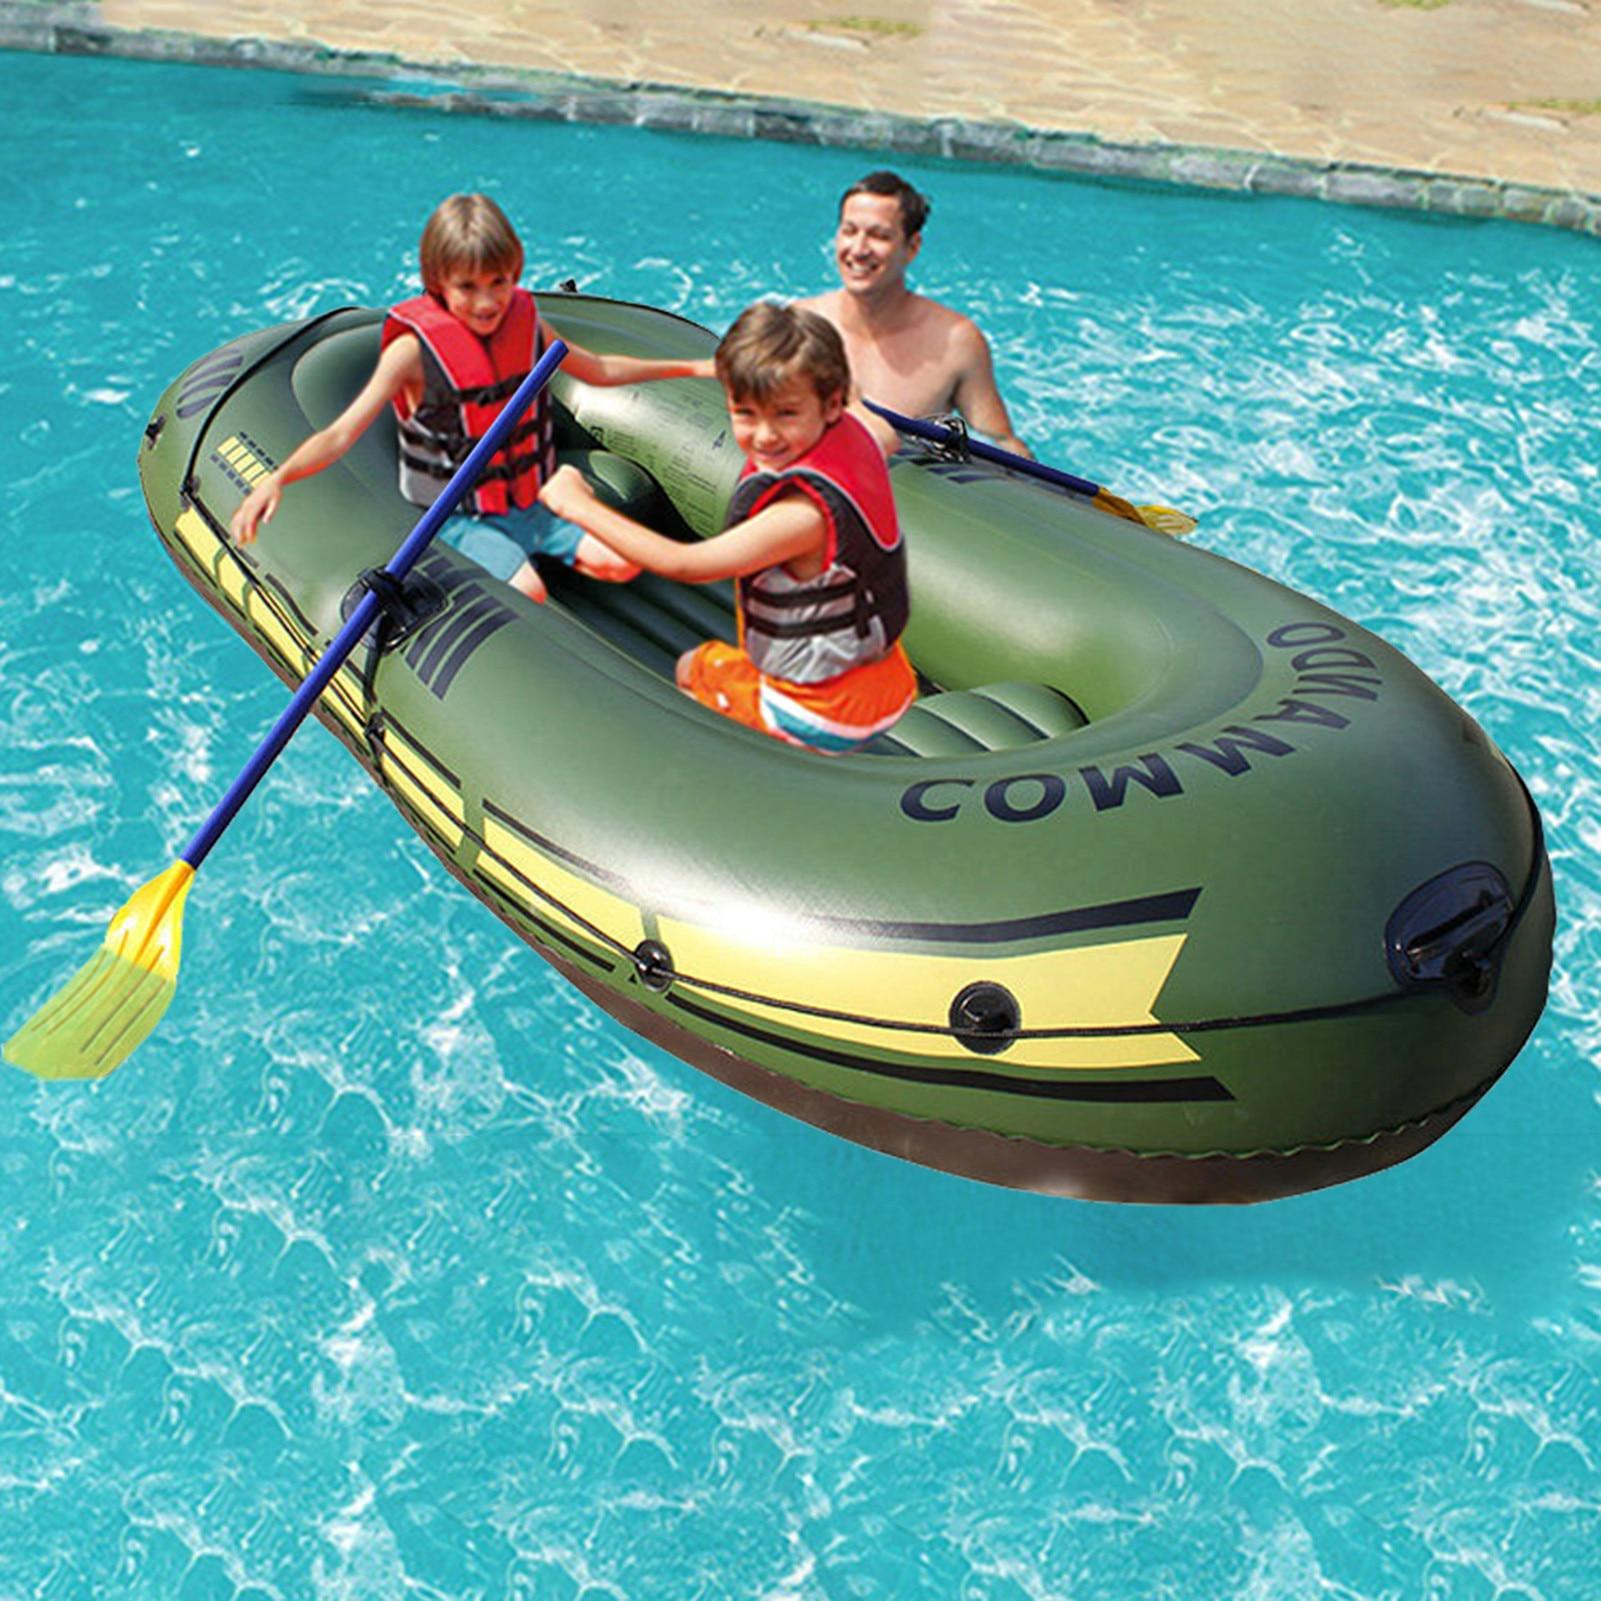 Надувная рыбацкая лодка дрейфующая лодка надувная подушка-сиденье Водонепроницаемый износостойкий удобный для 2/3 человек каяк